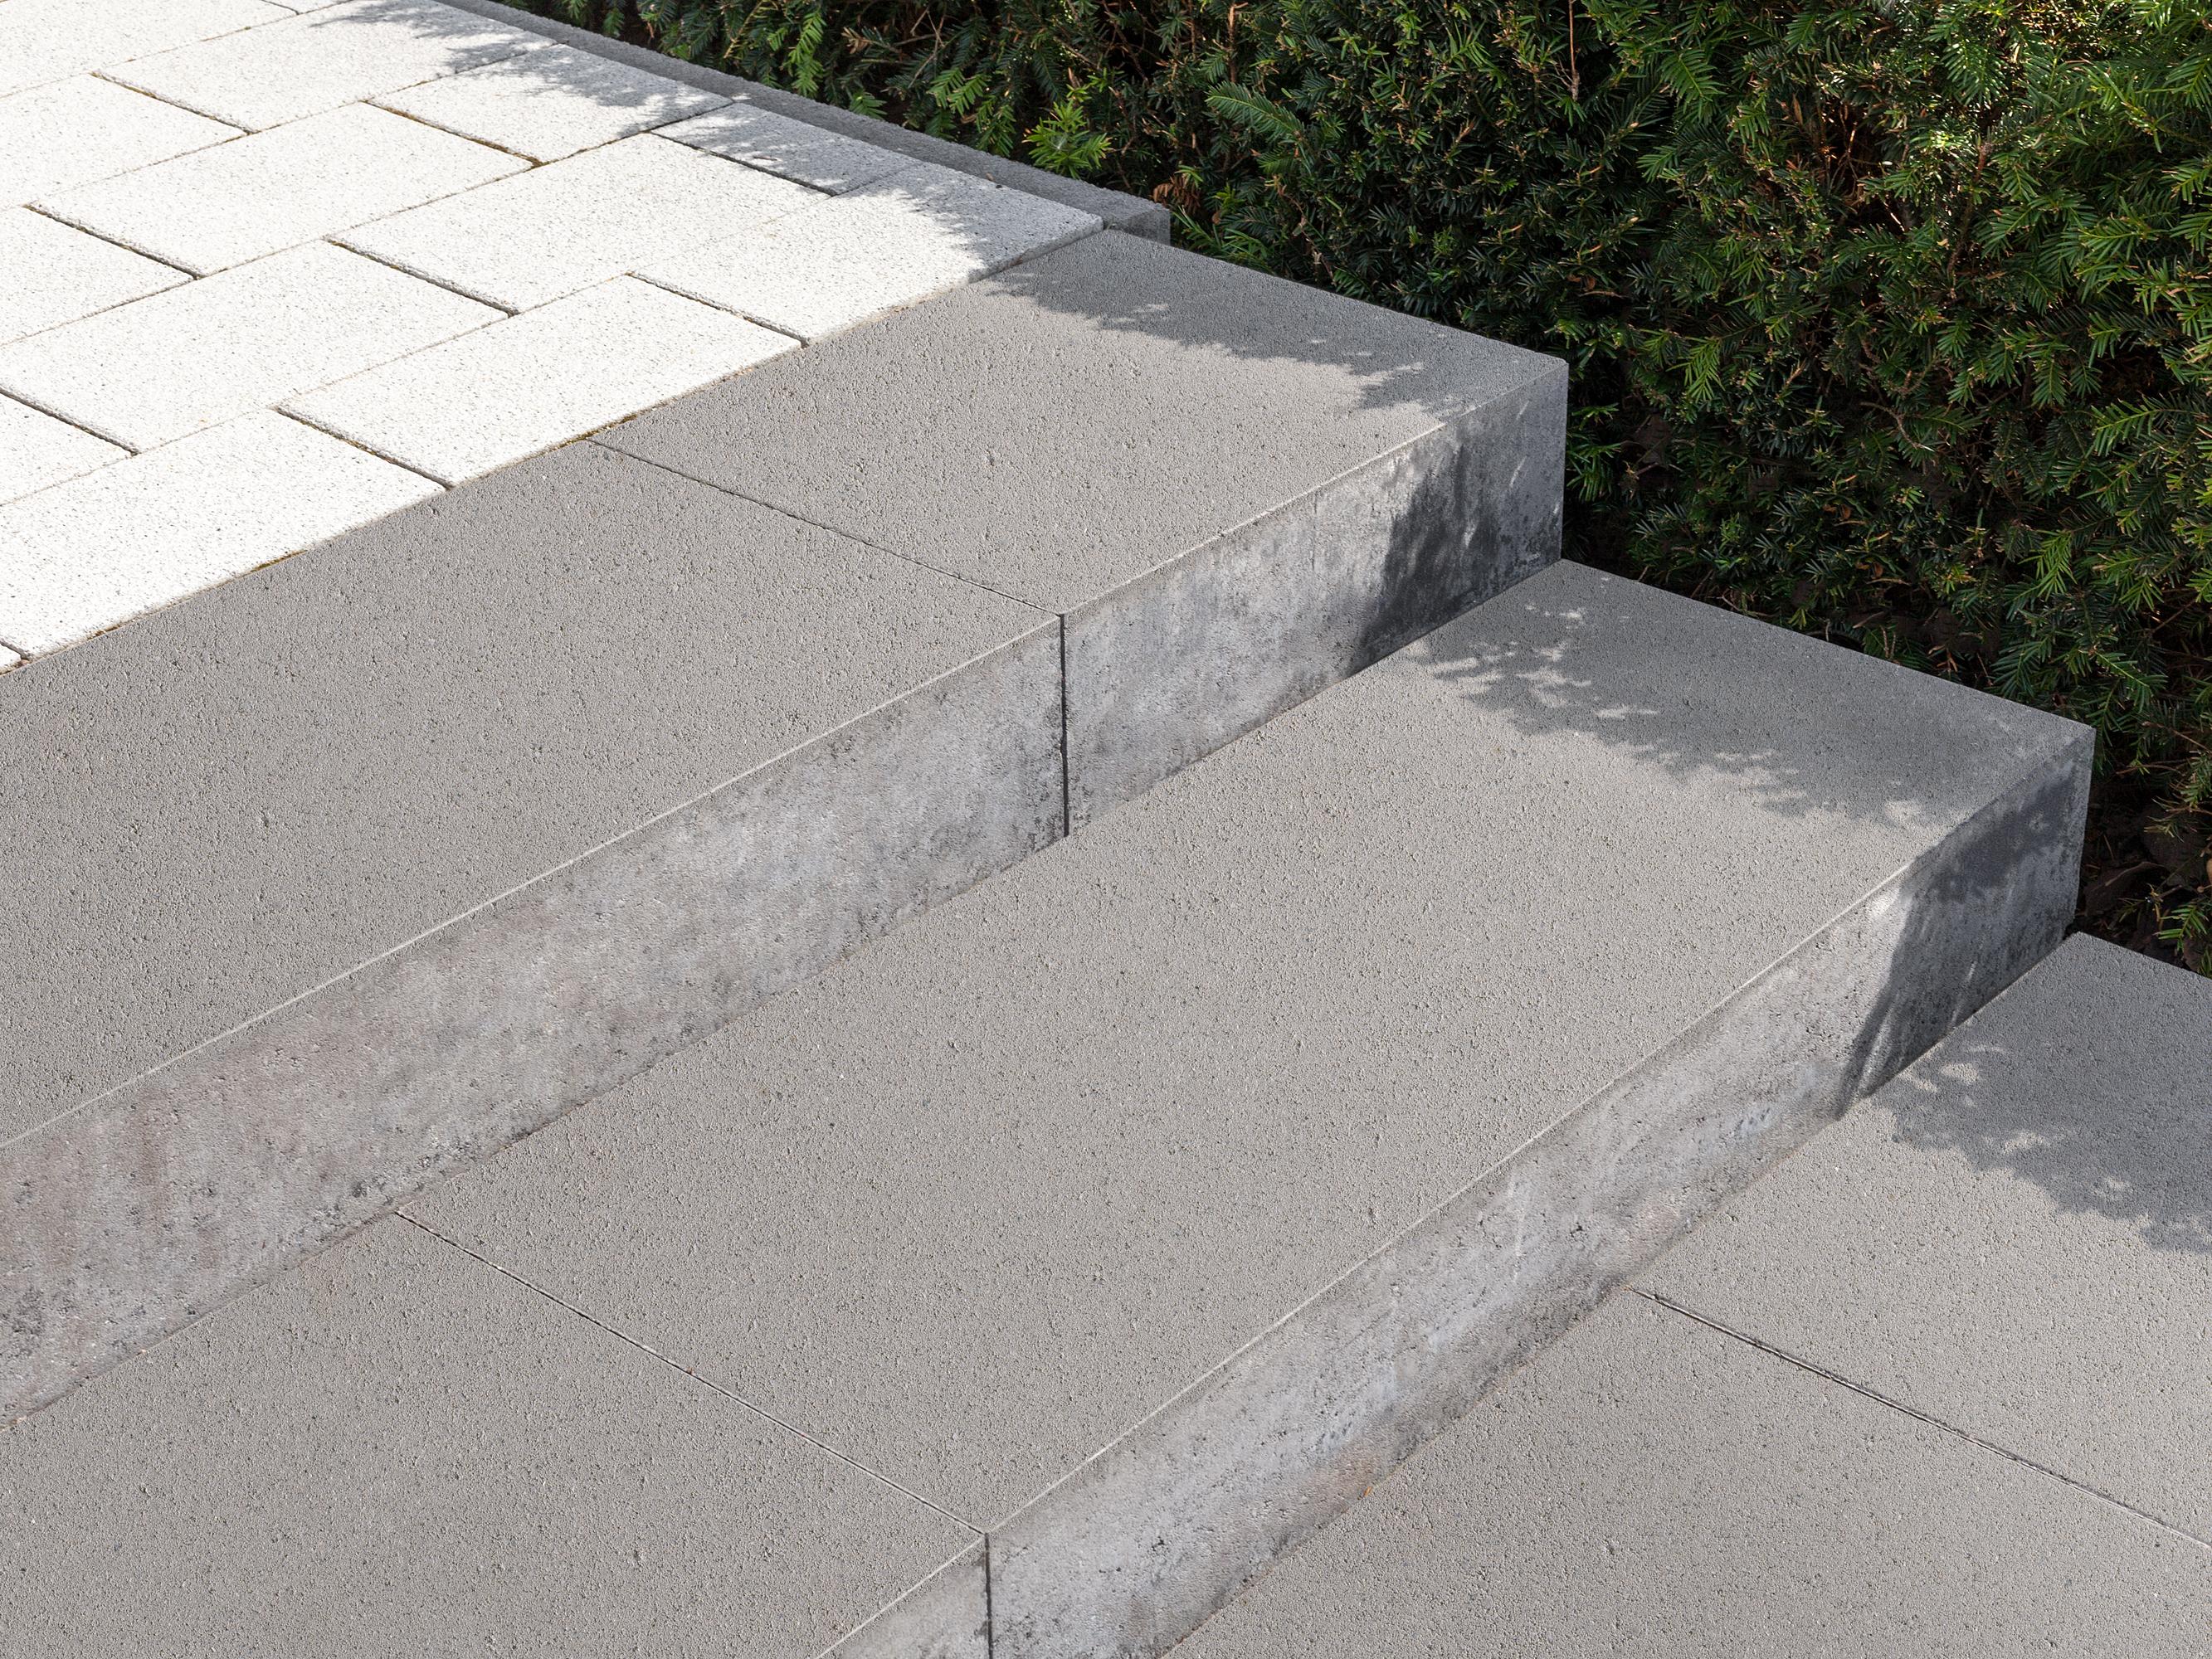 beton streichen wasserdicht beton wasserdicht machen wie geht das beton streichen wasserdicht. Black Bedroom Furniture Sets. Home Design Ideas